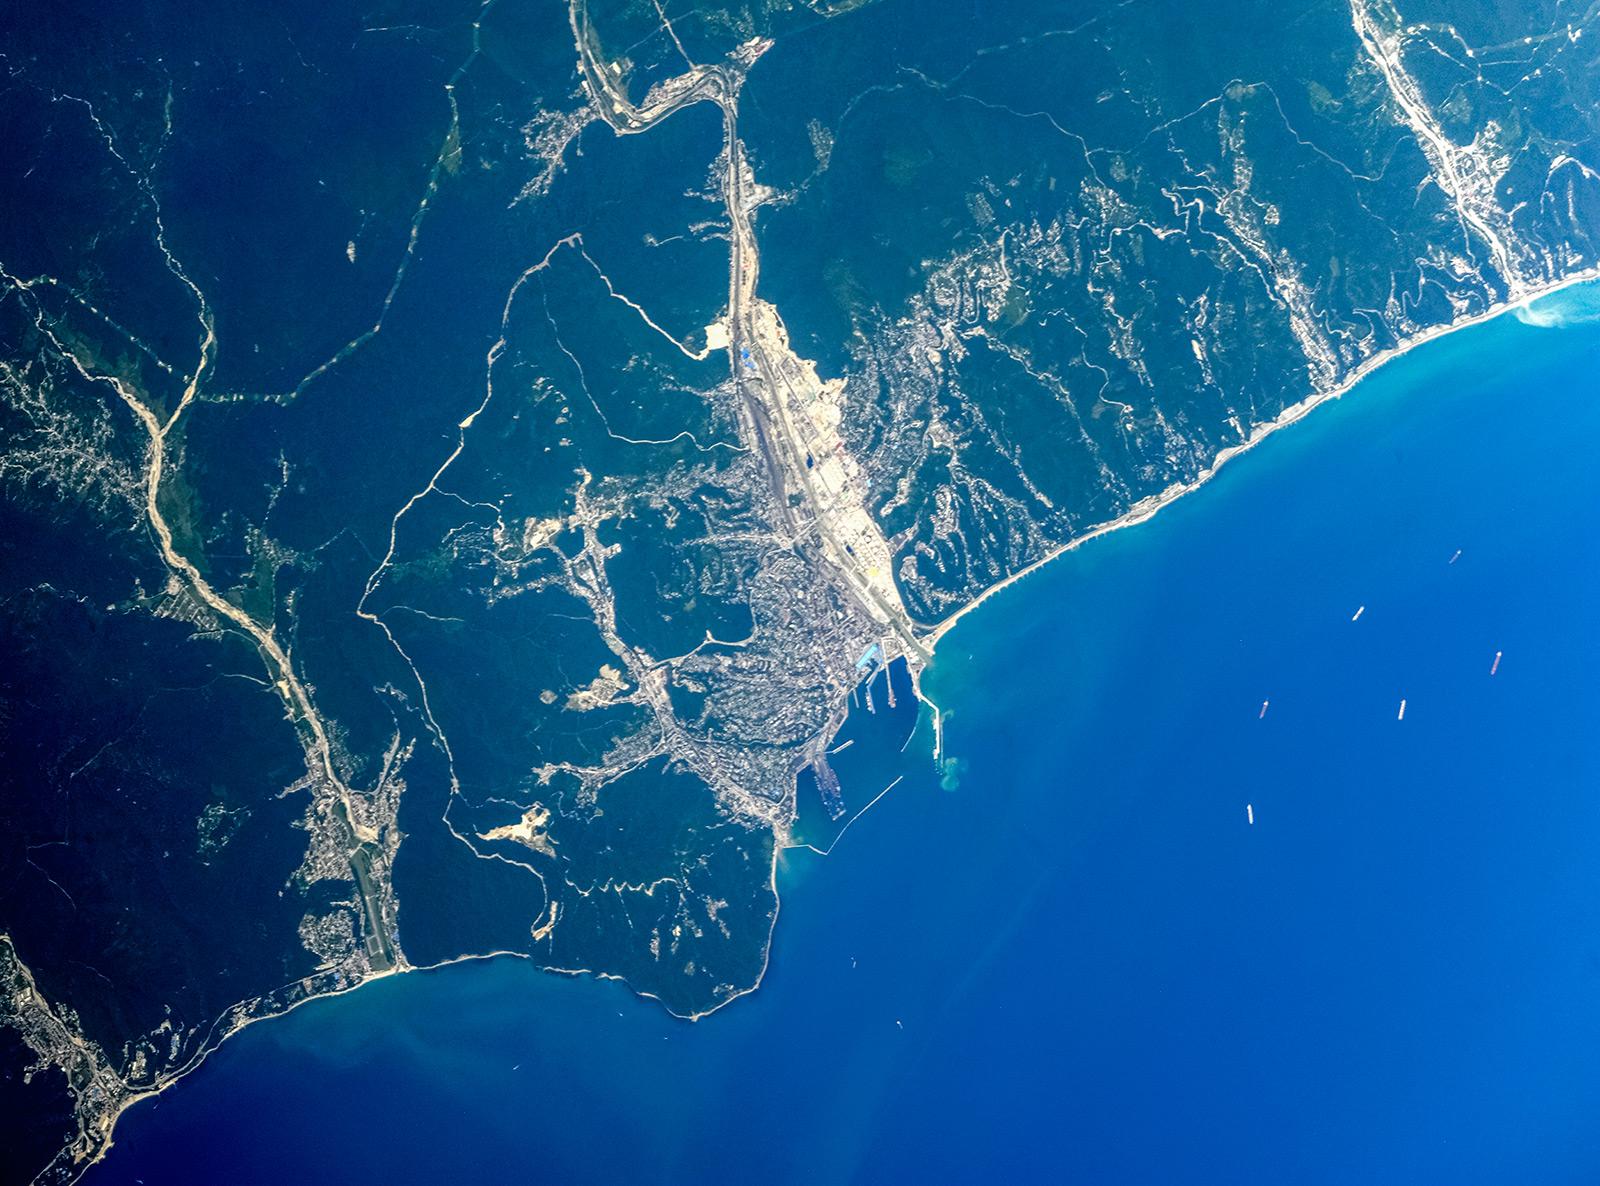 снимки краснодарского края из космоса